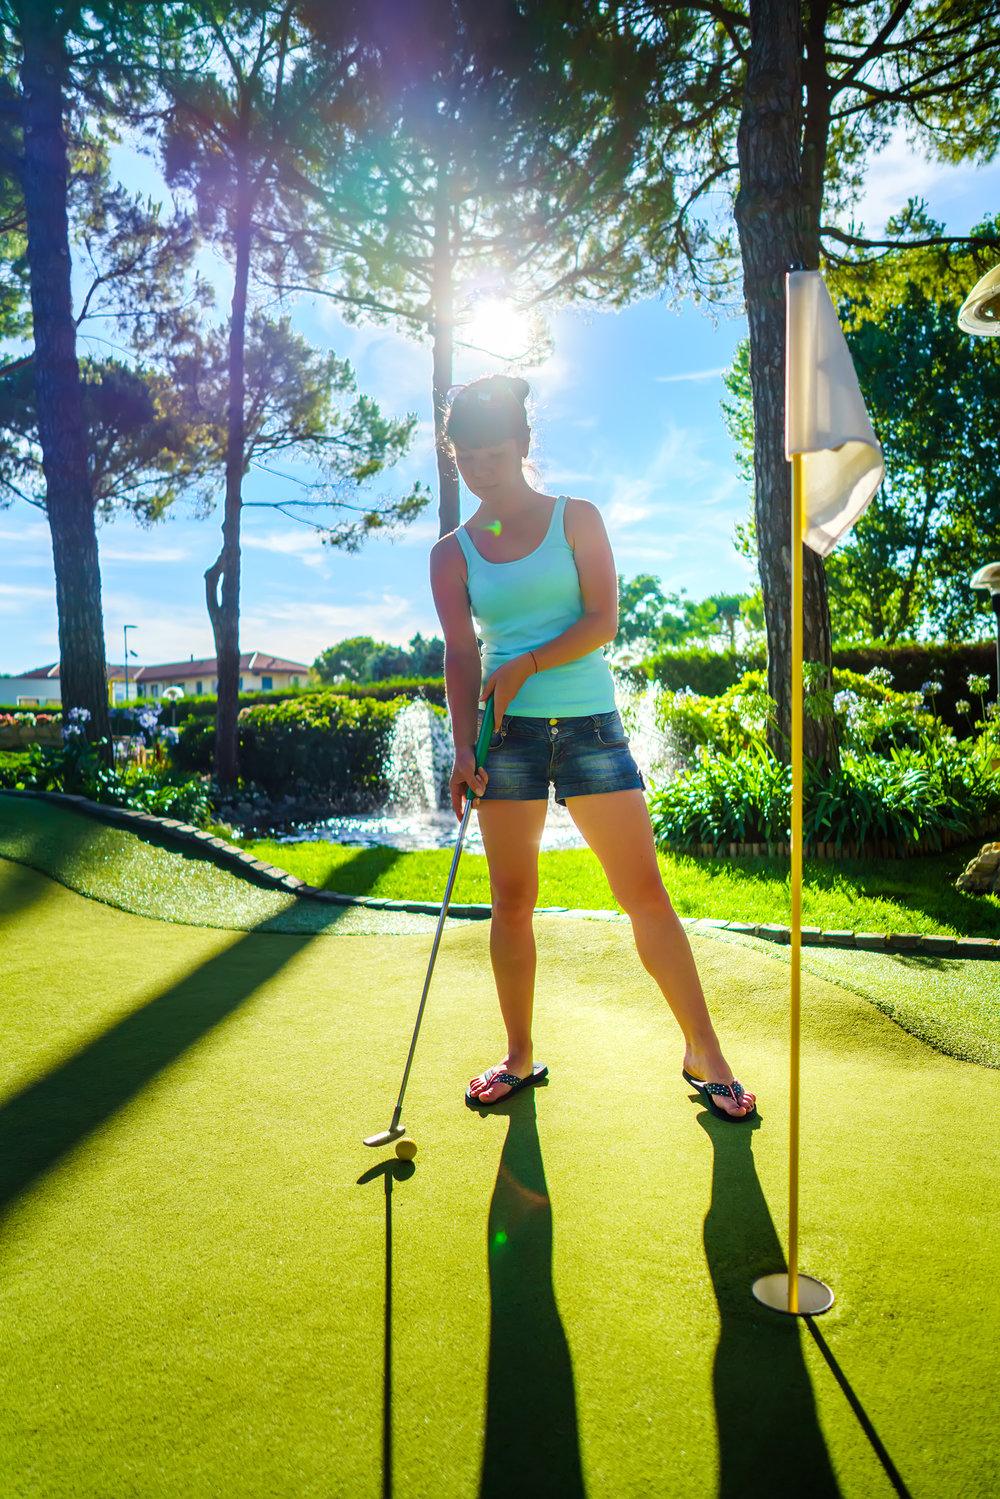 mini-golf-woman-playing-golf-on-green-grass-at-WZNL6KJ.jpg